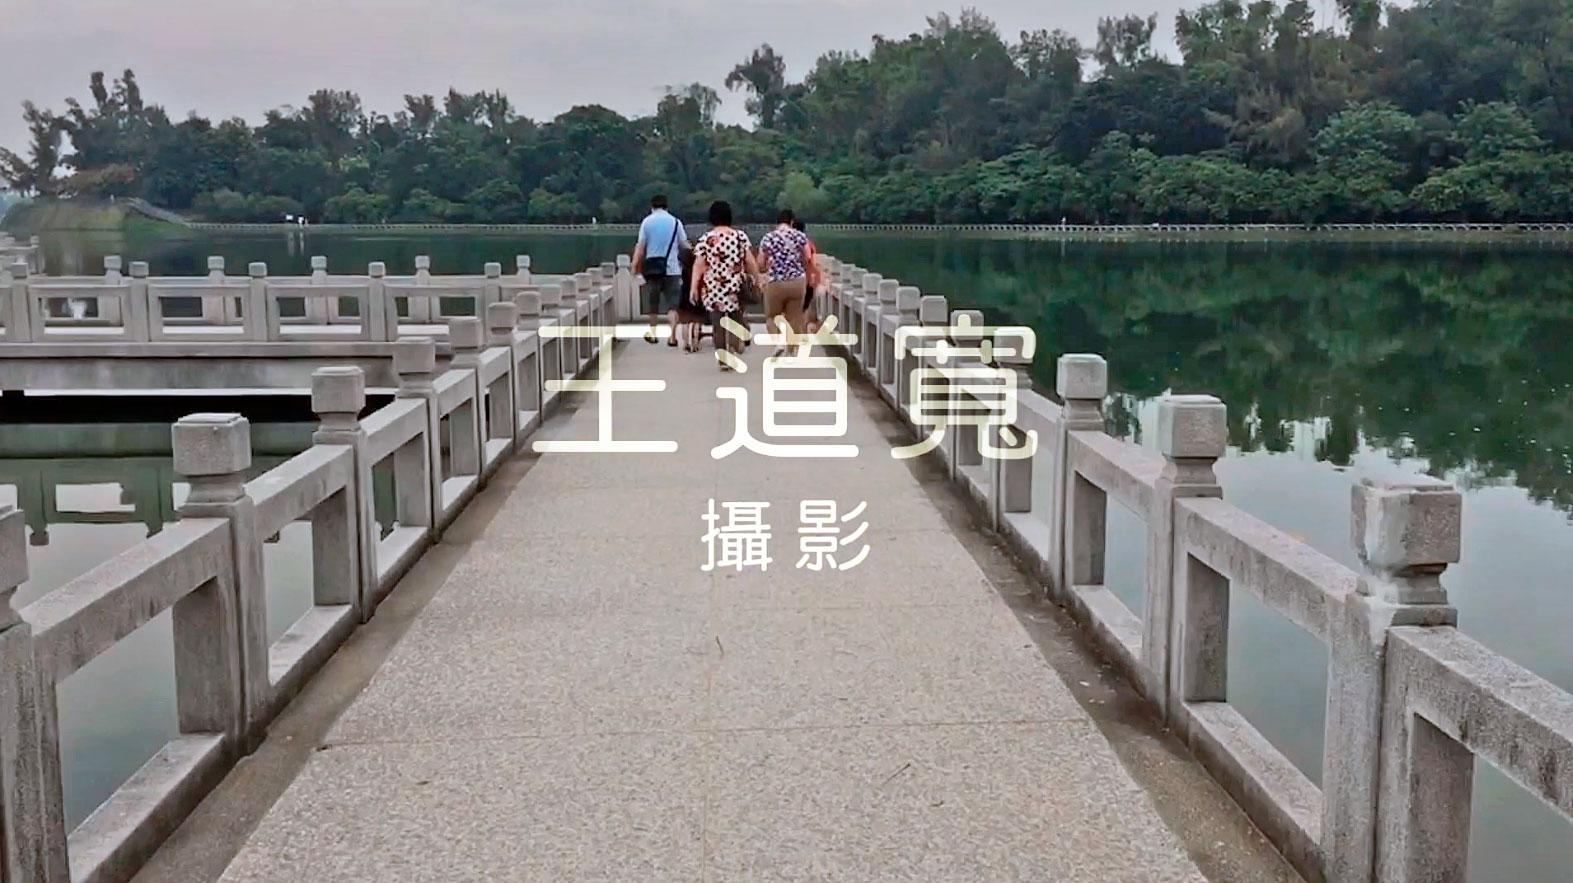 縮時攝影《高雄澄清湖九曲橋》